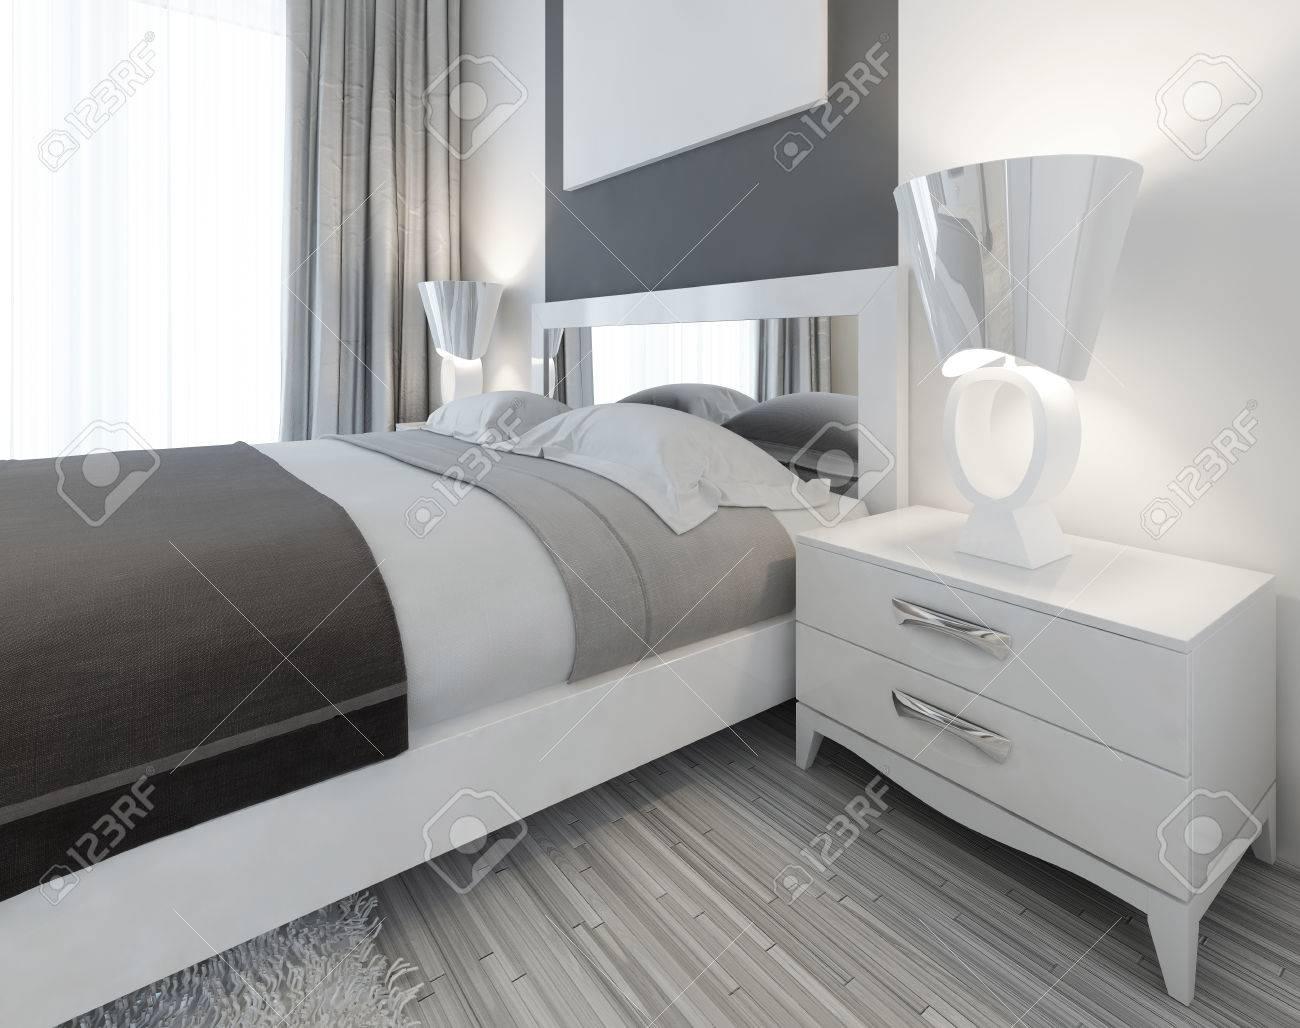 contemporáneo noche lámpara 3D con la de un blanca estilo dormitoriorender una junto cama Mesilla moderna en a wN8nO0vm